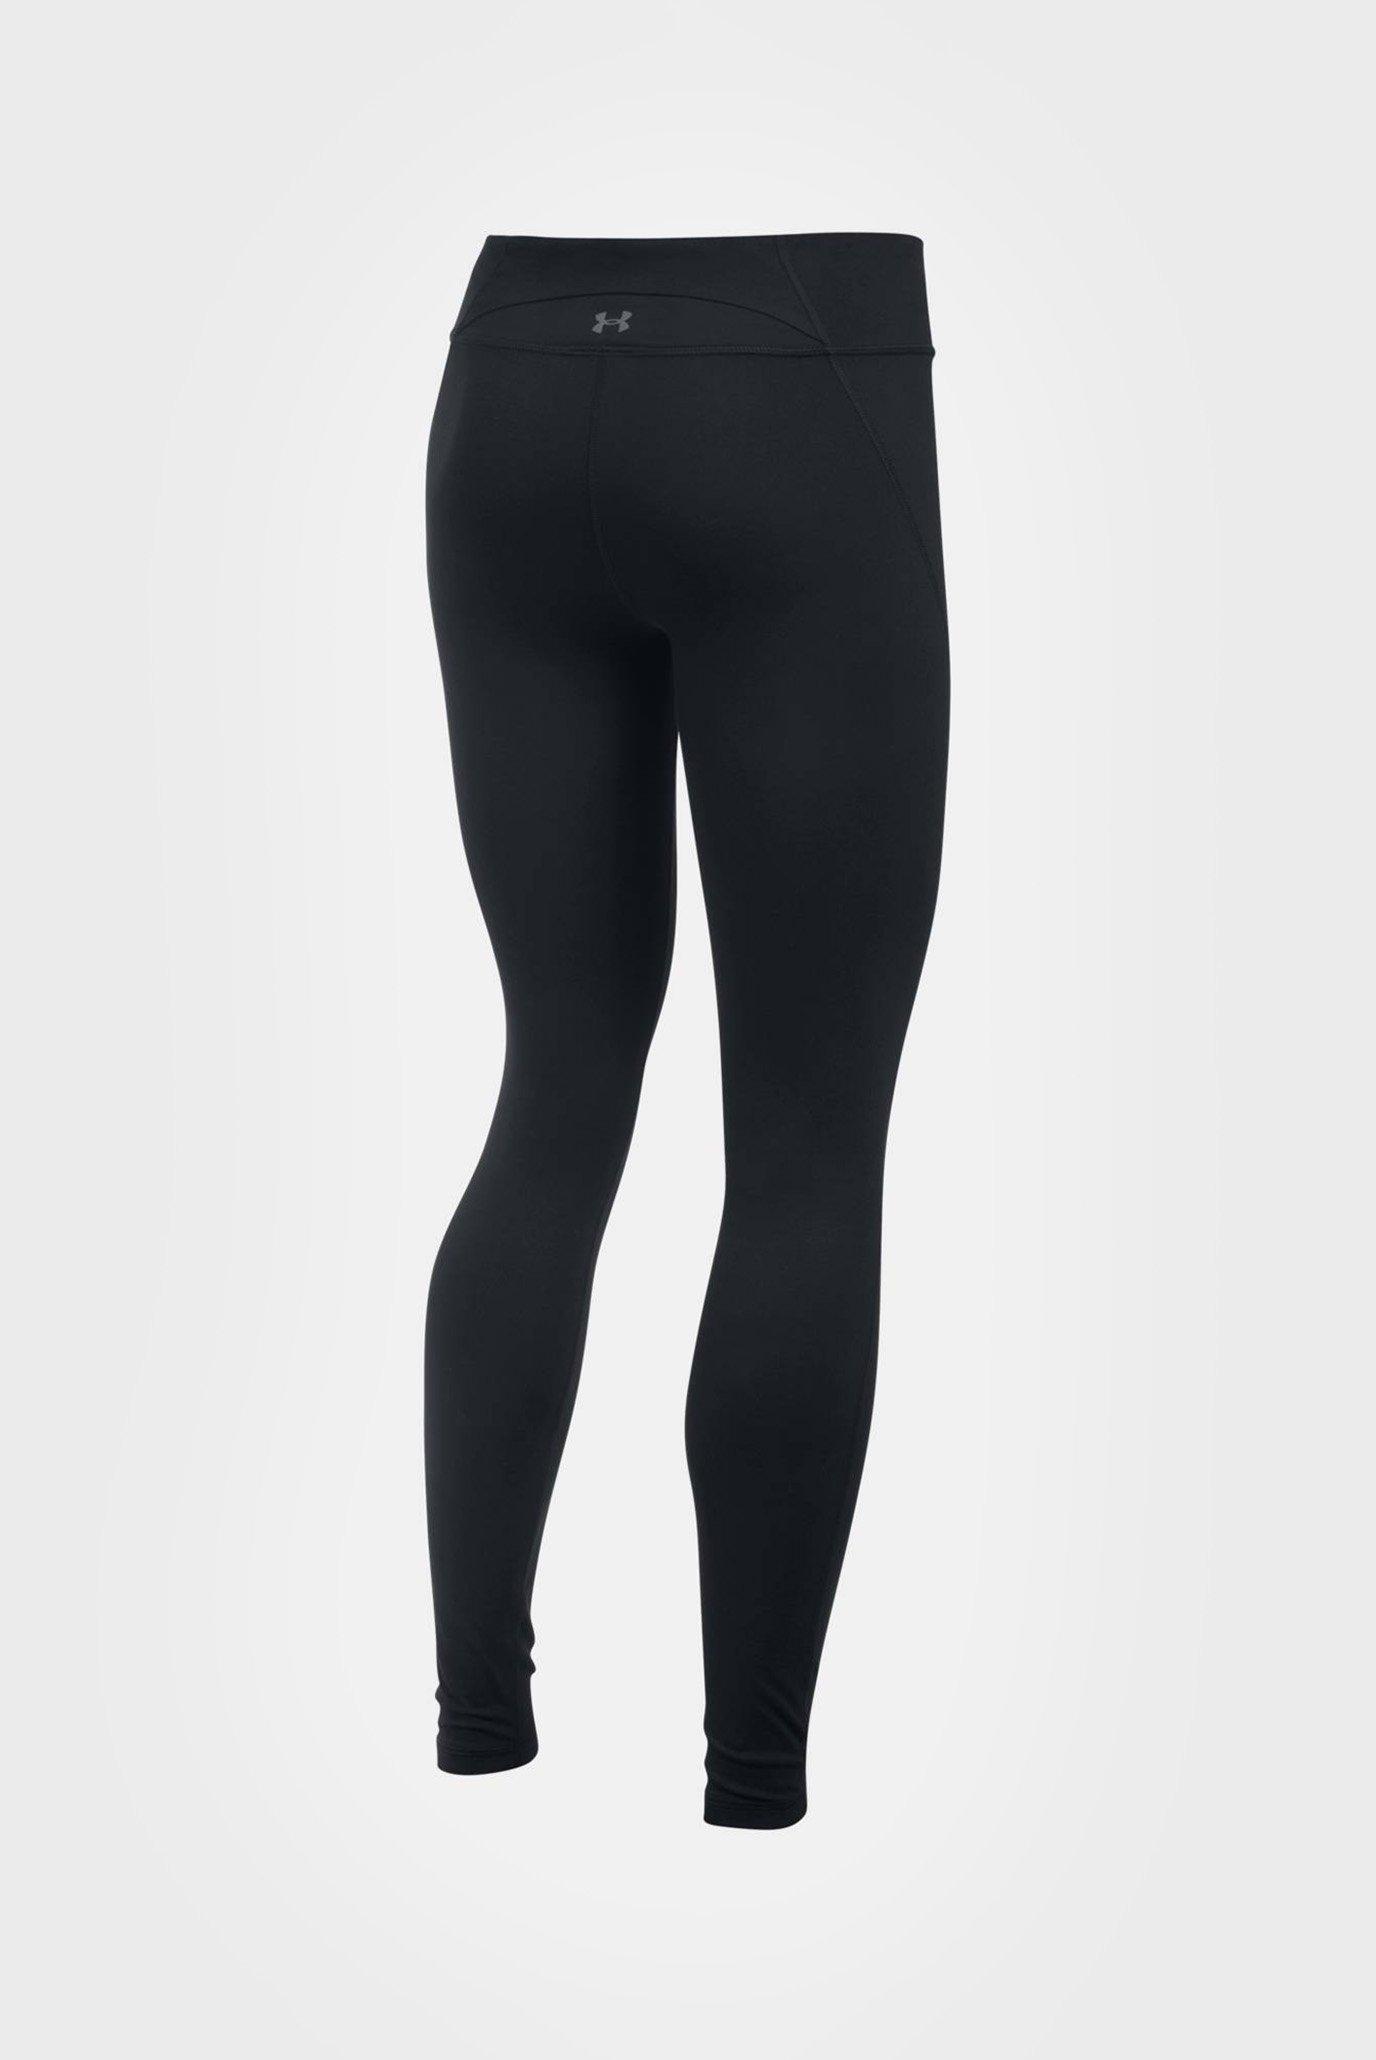 Купить Женские черные леггинсы Mirror Legging Under Armour Under Armour 1302261-001 – Киев, Украина. Цены в интернет магазине MD Fashion